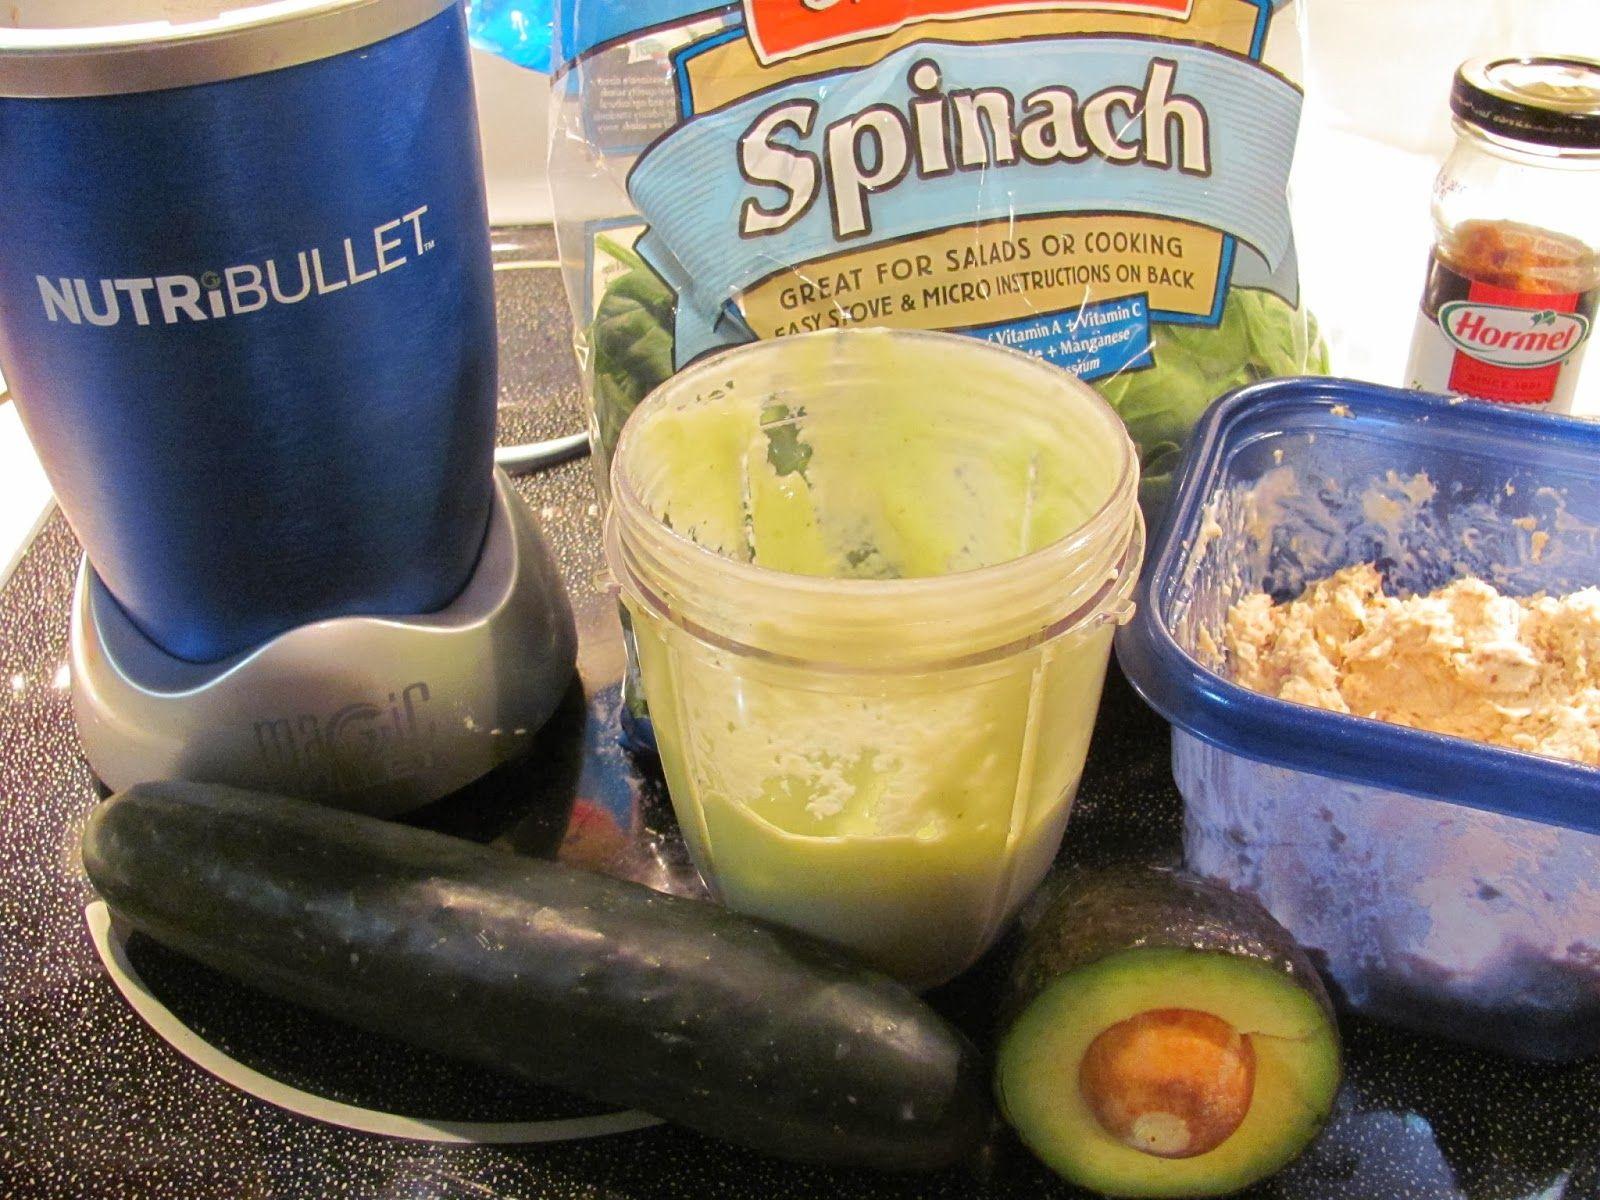 NutriBullet Chicken Salad and Avocado Dressing